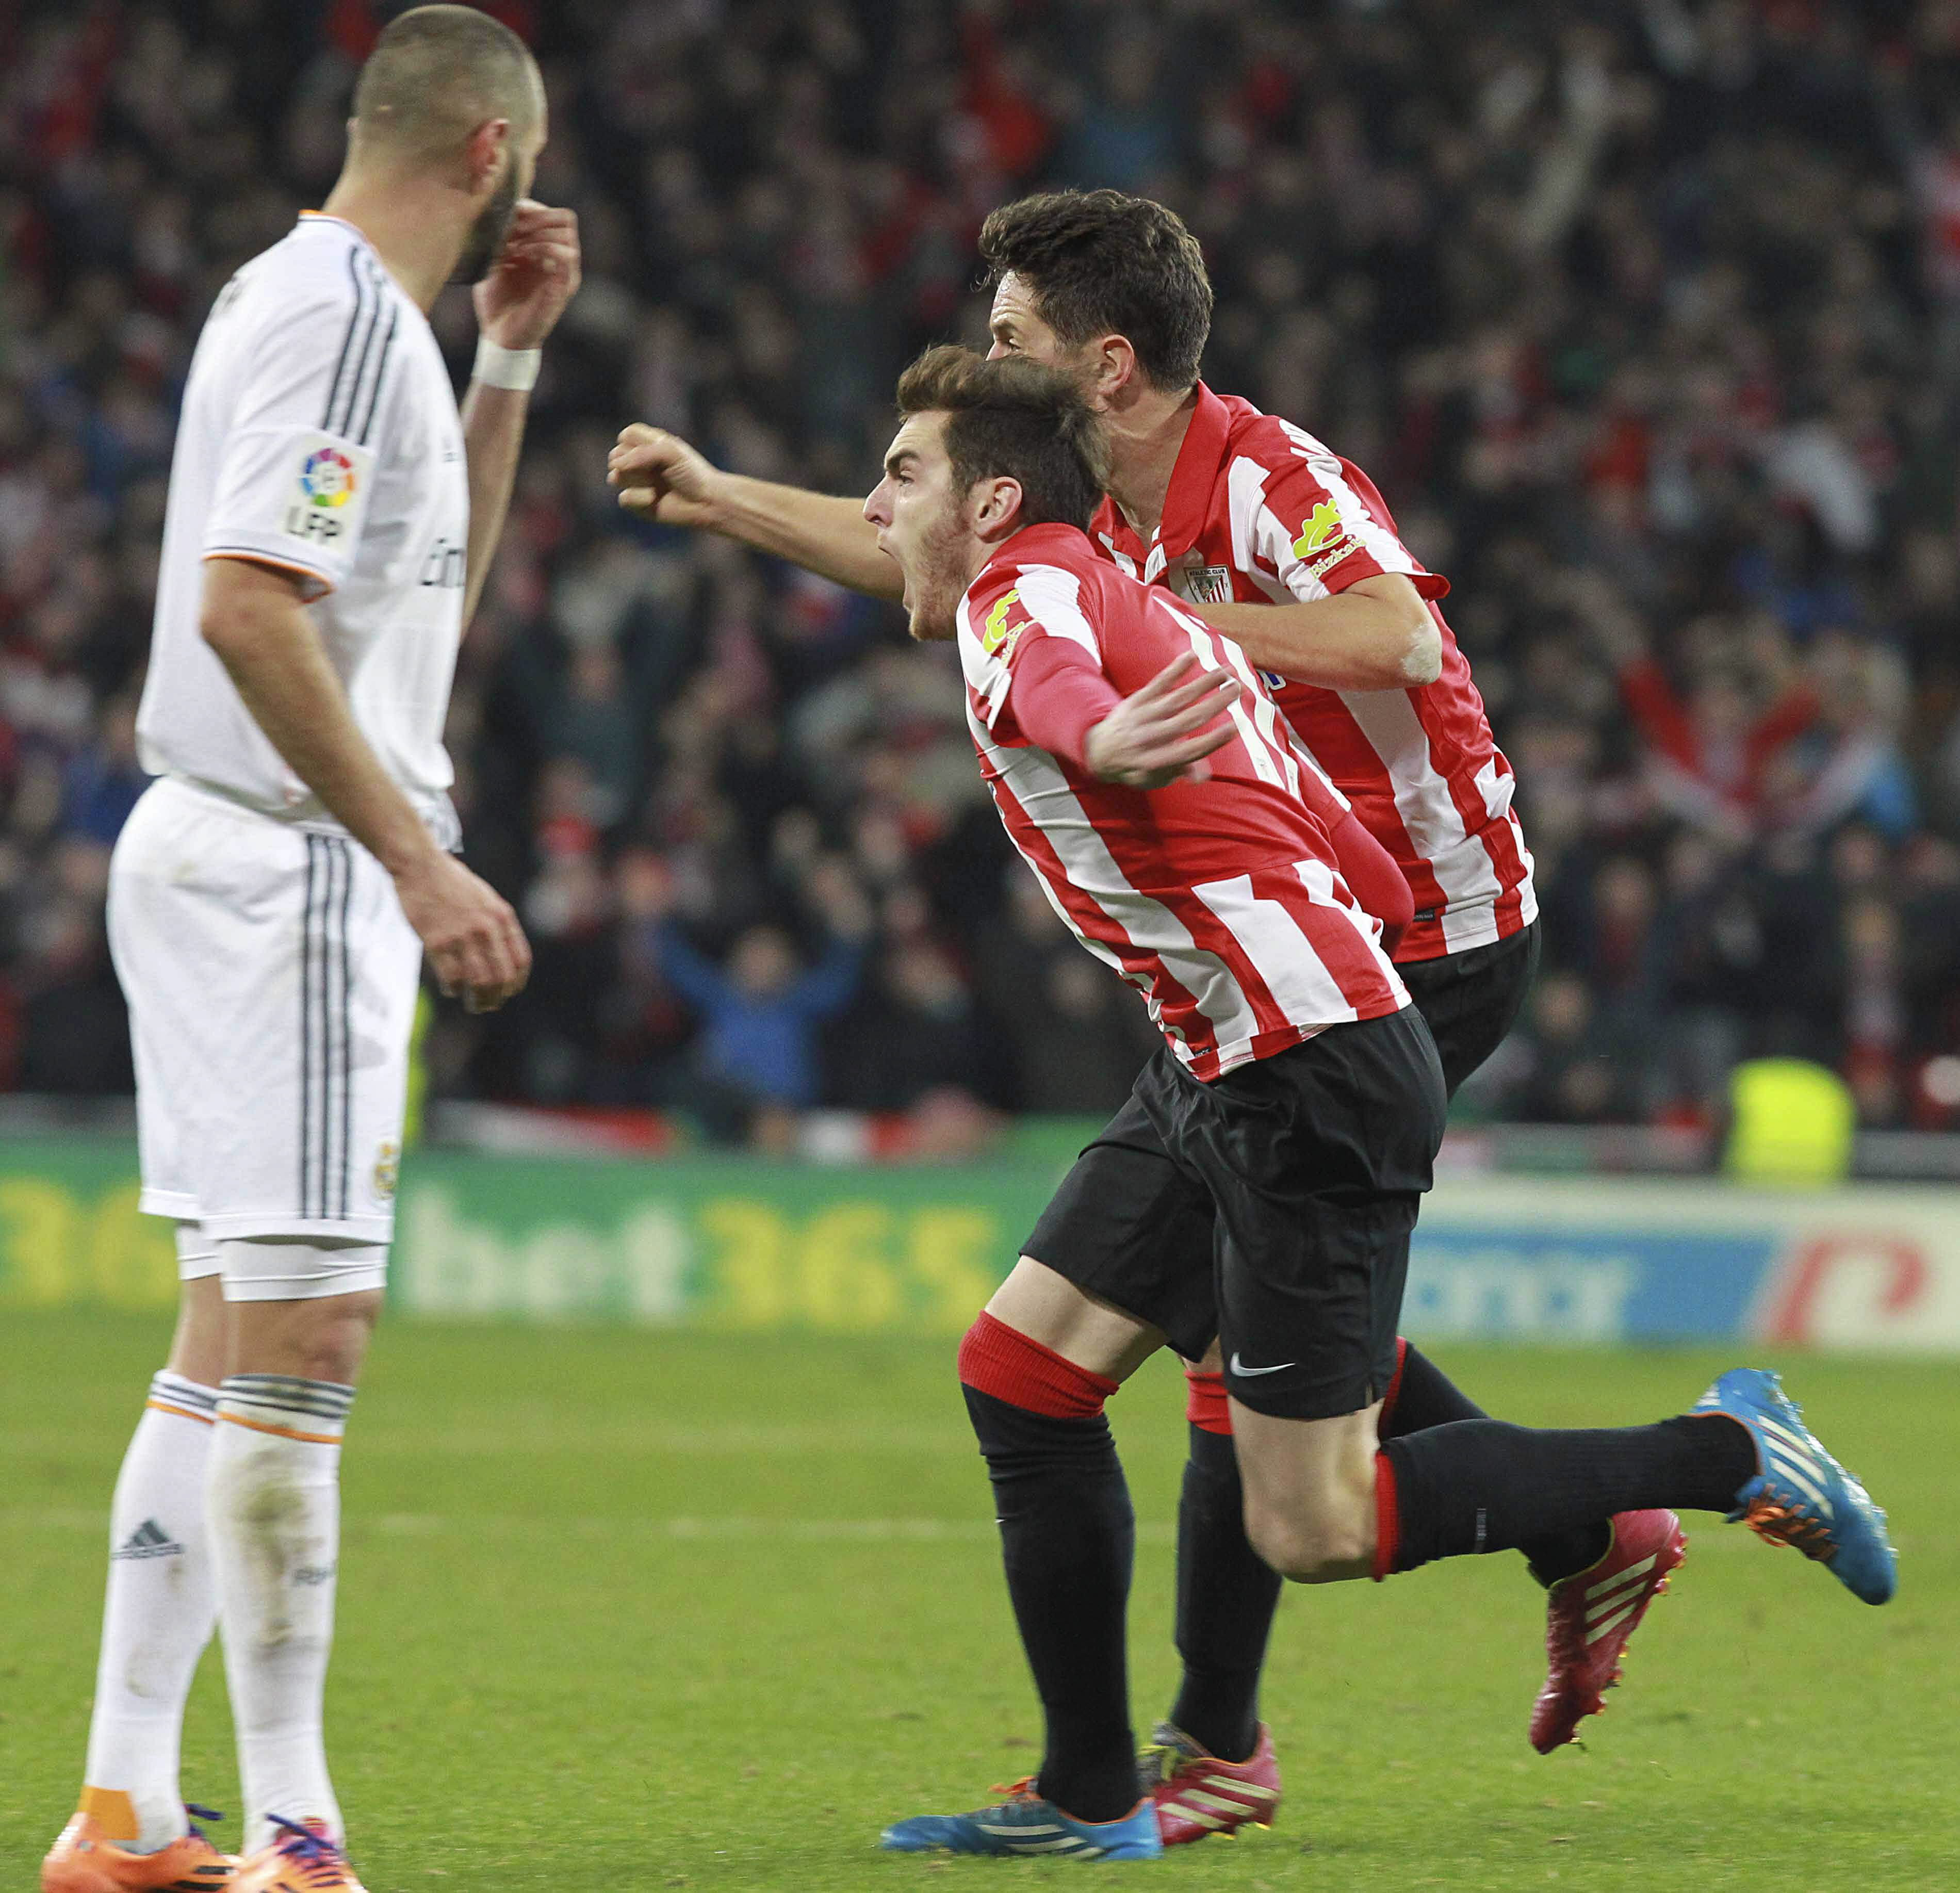 Ibai corta la racha de 8 partidos seguidos sin encajar un gol del Madrid